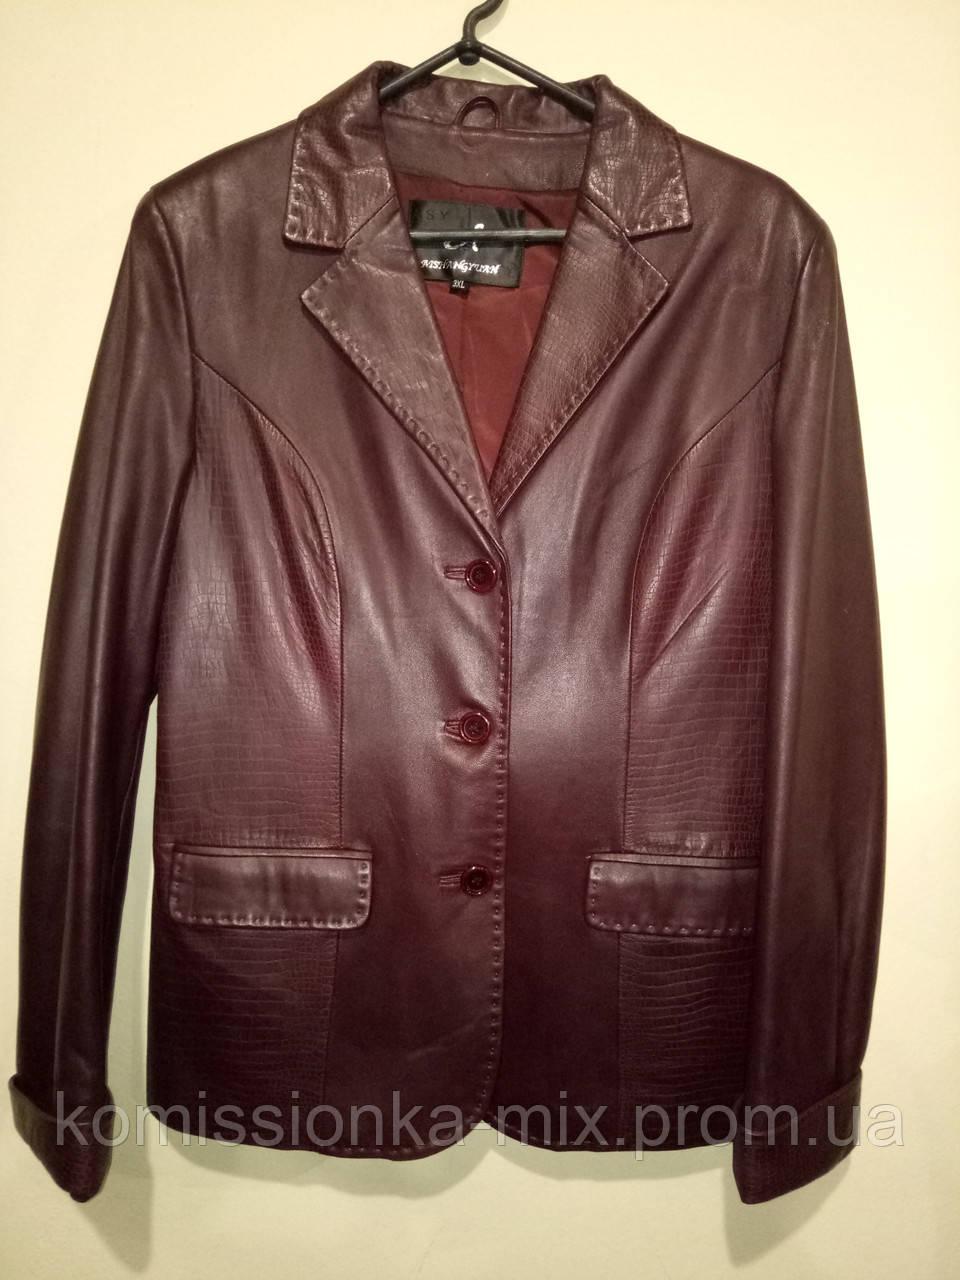 Куртка кожаная 46 р.